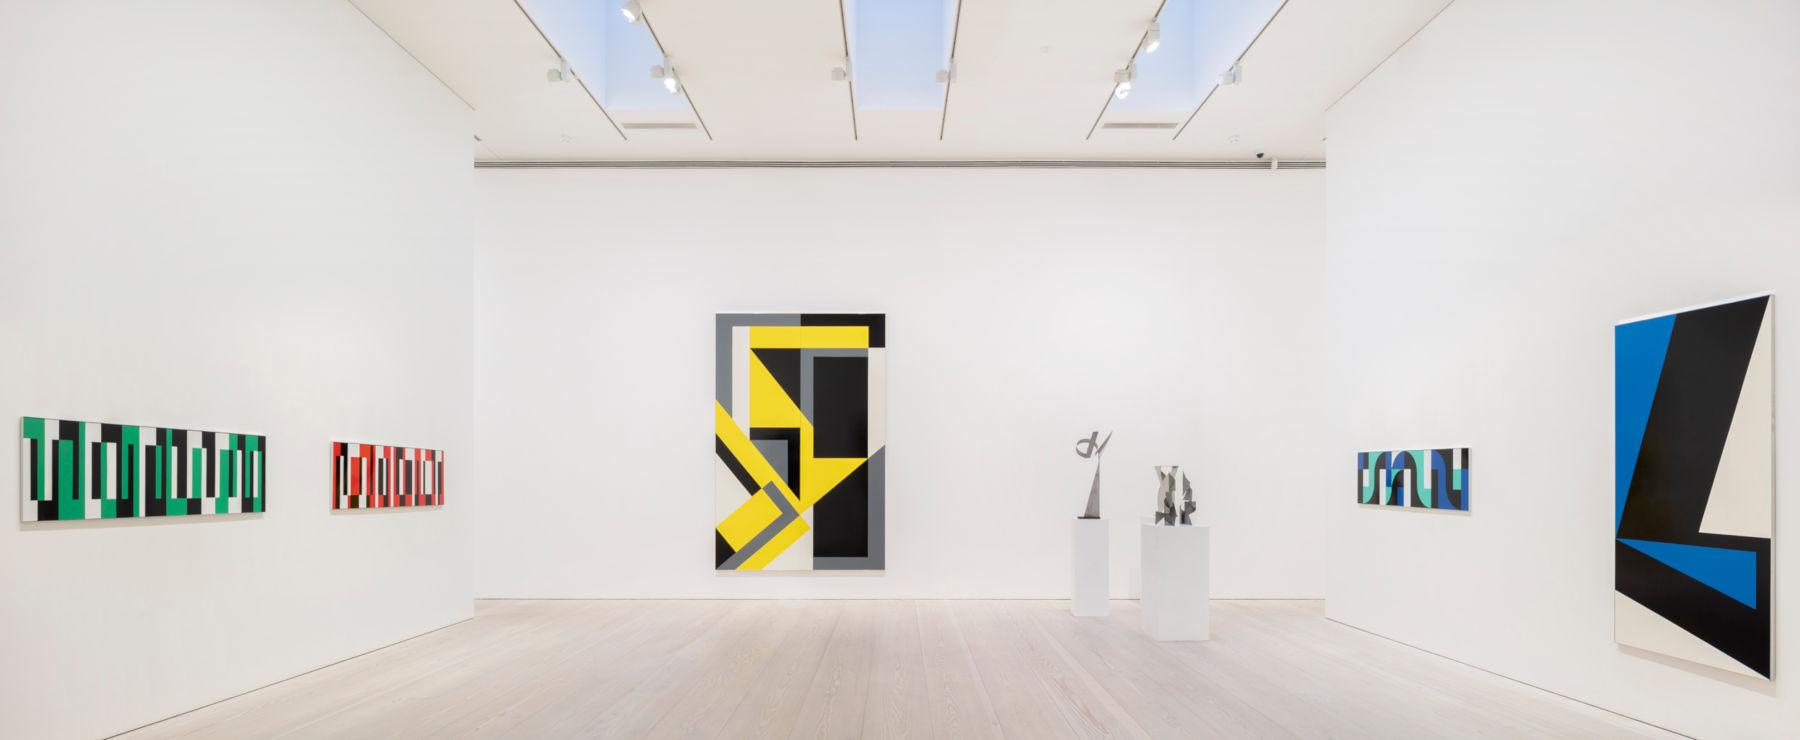 Galerie Forsblom Lars-Gunnar Nordstrom 1